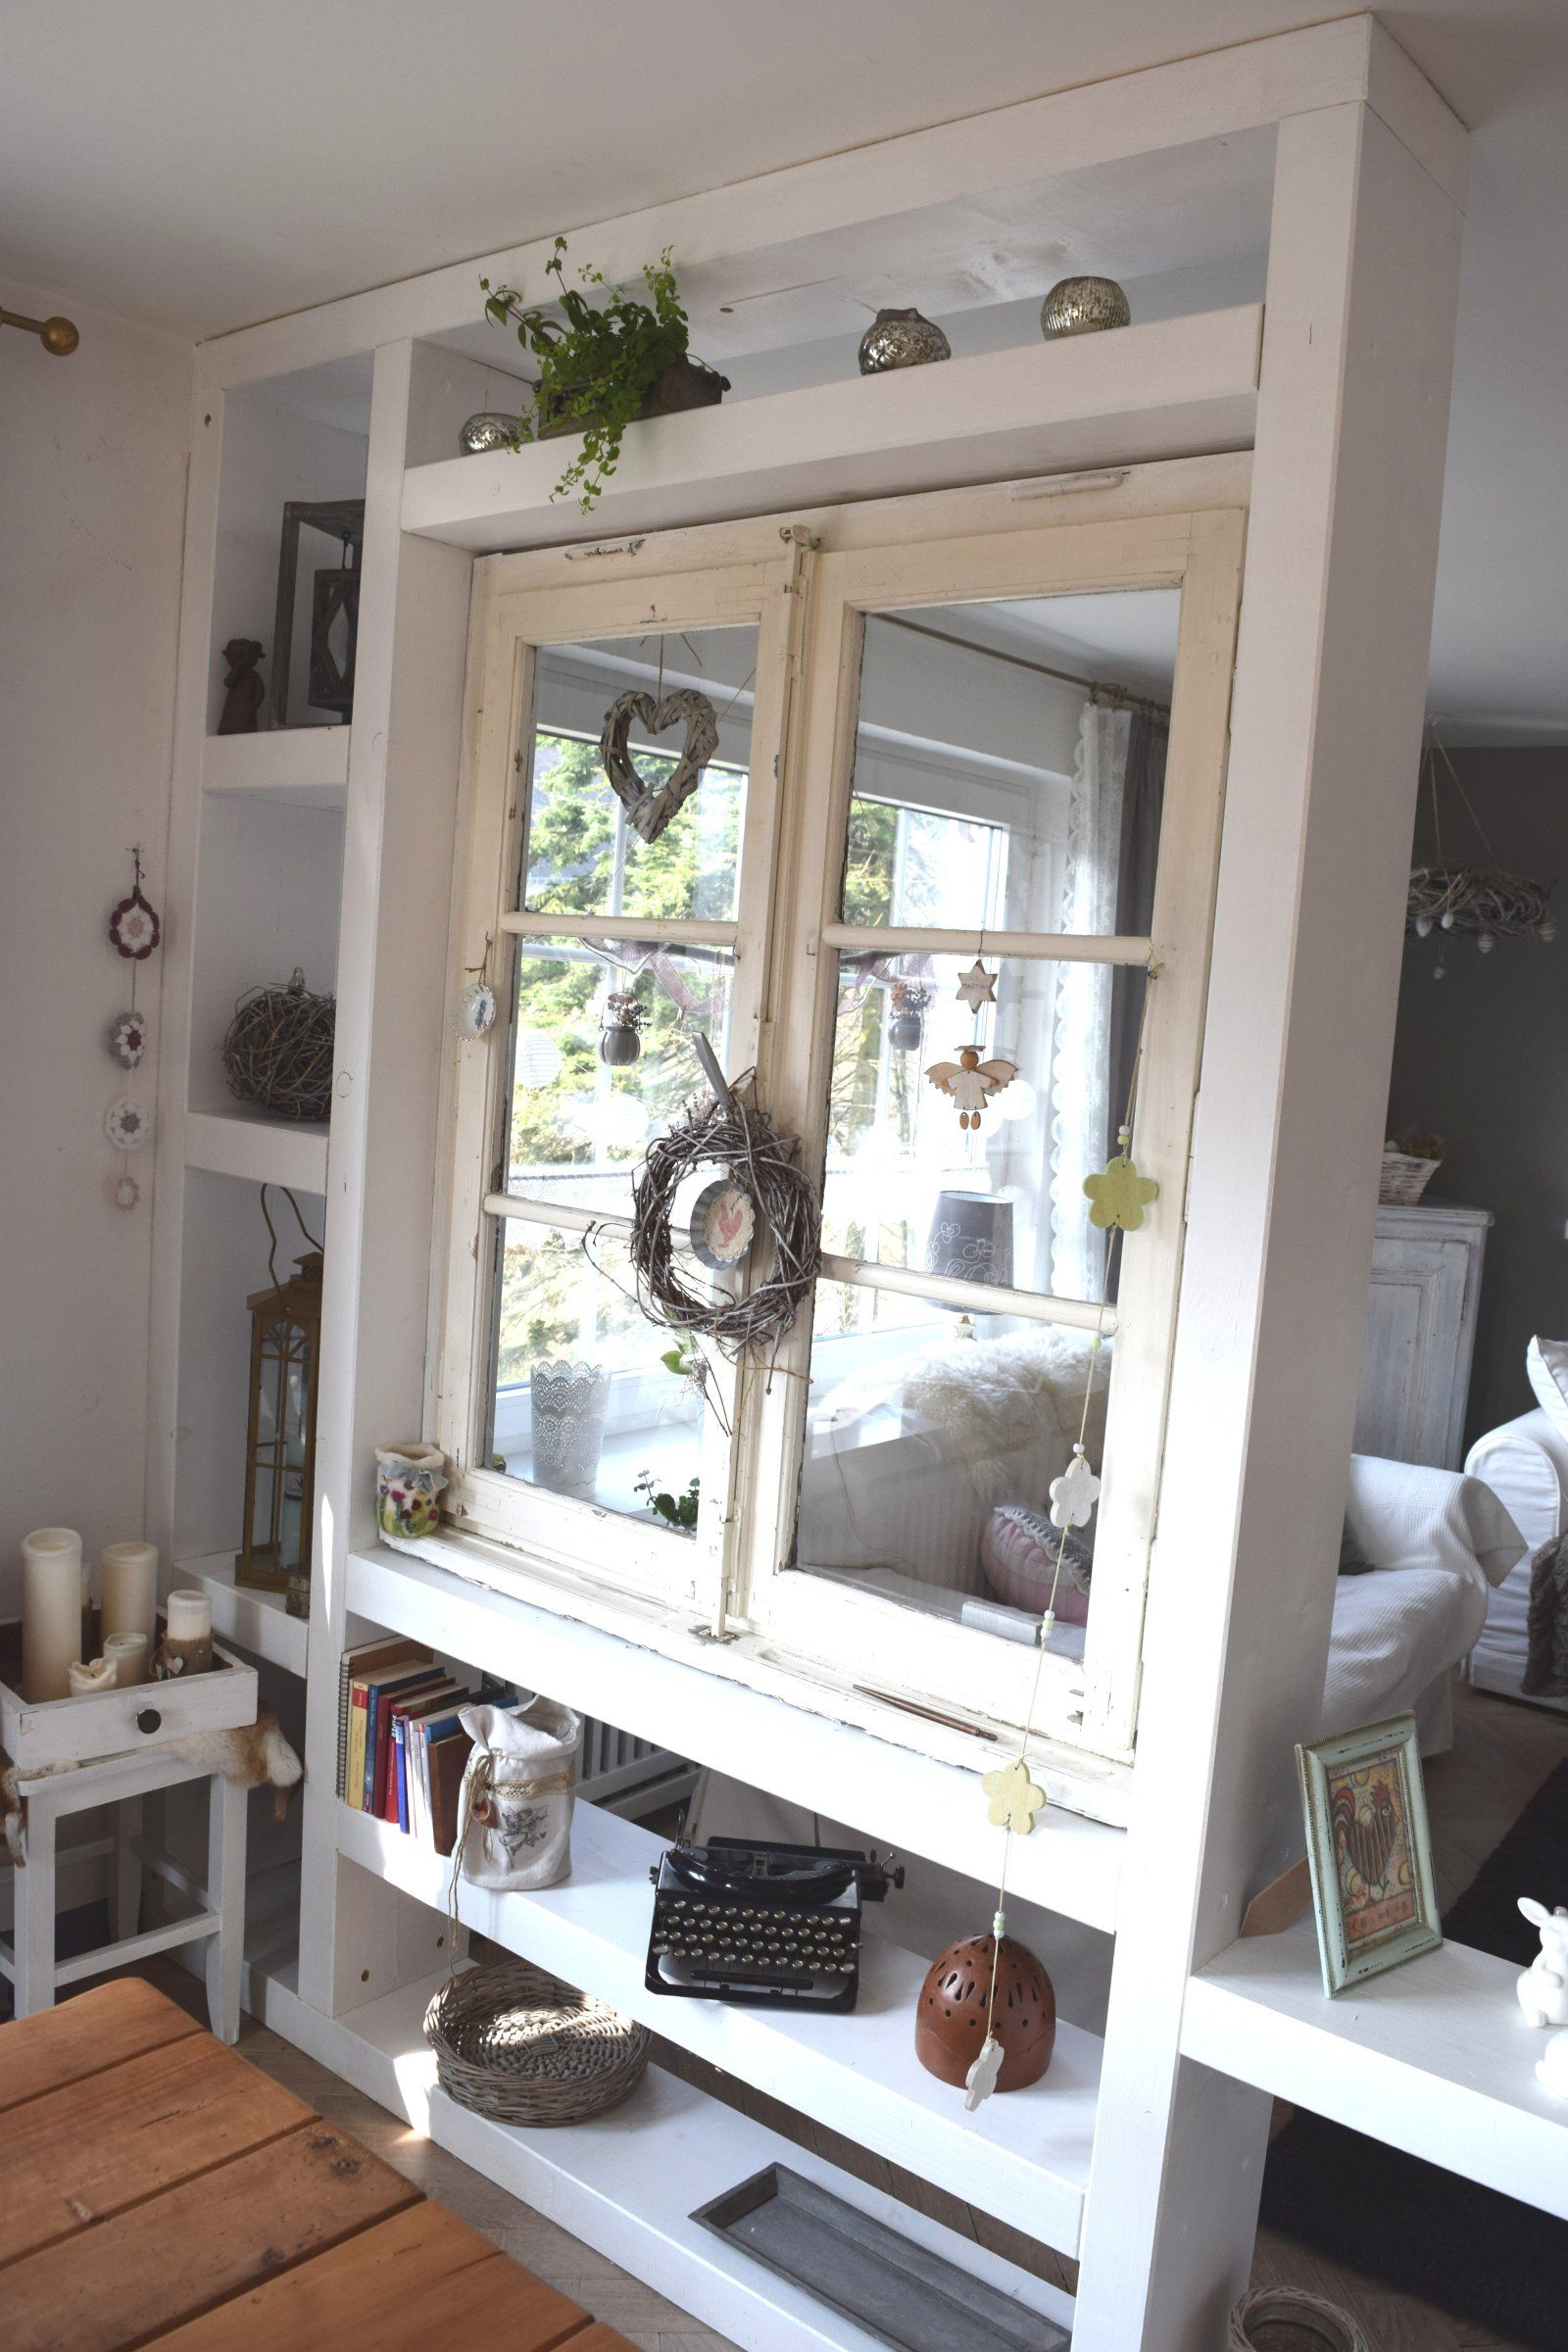 Wohnzimmer von Ziegenmutter Mir gefällt der Raumteiler super Hätte ich auch gern